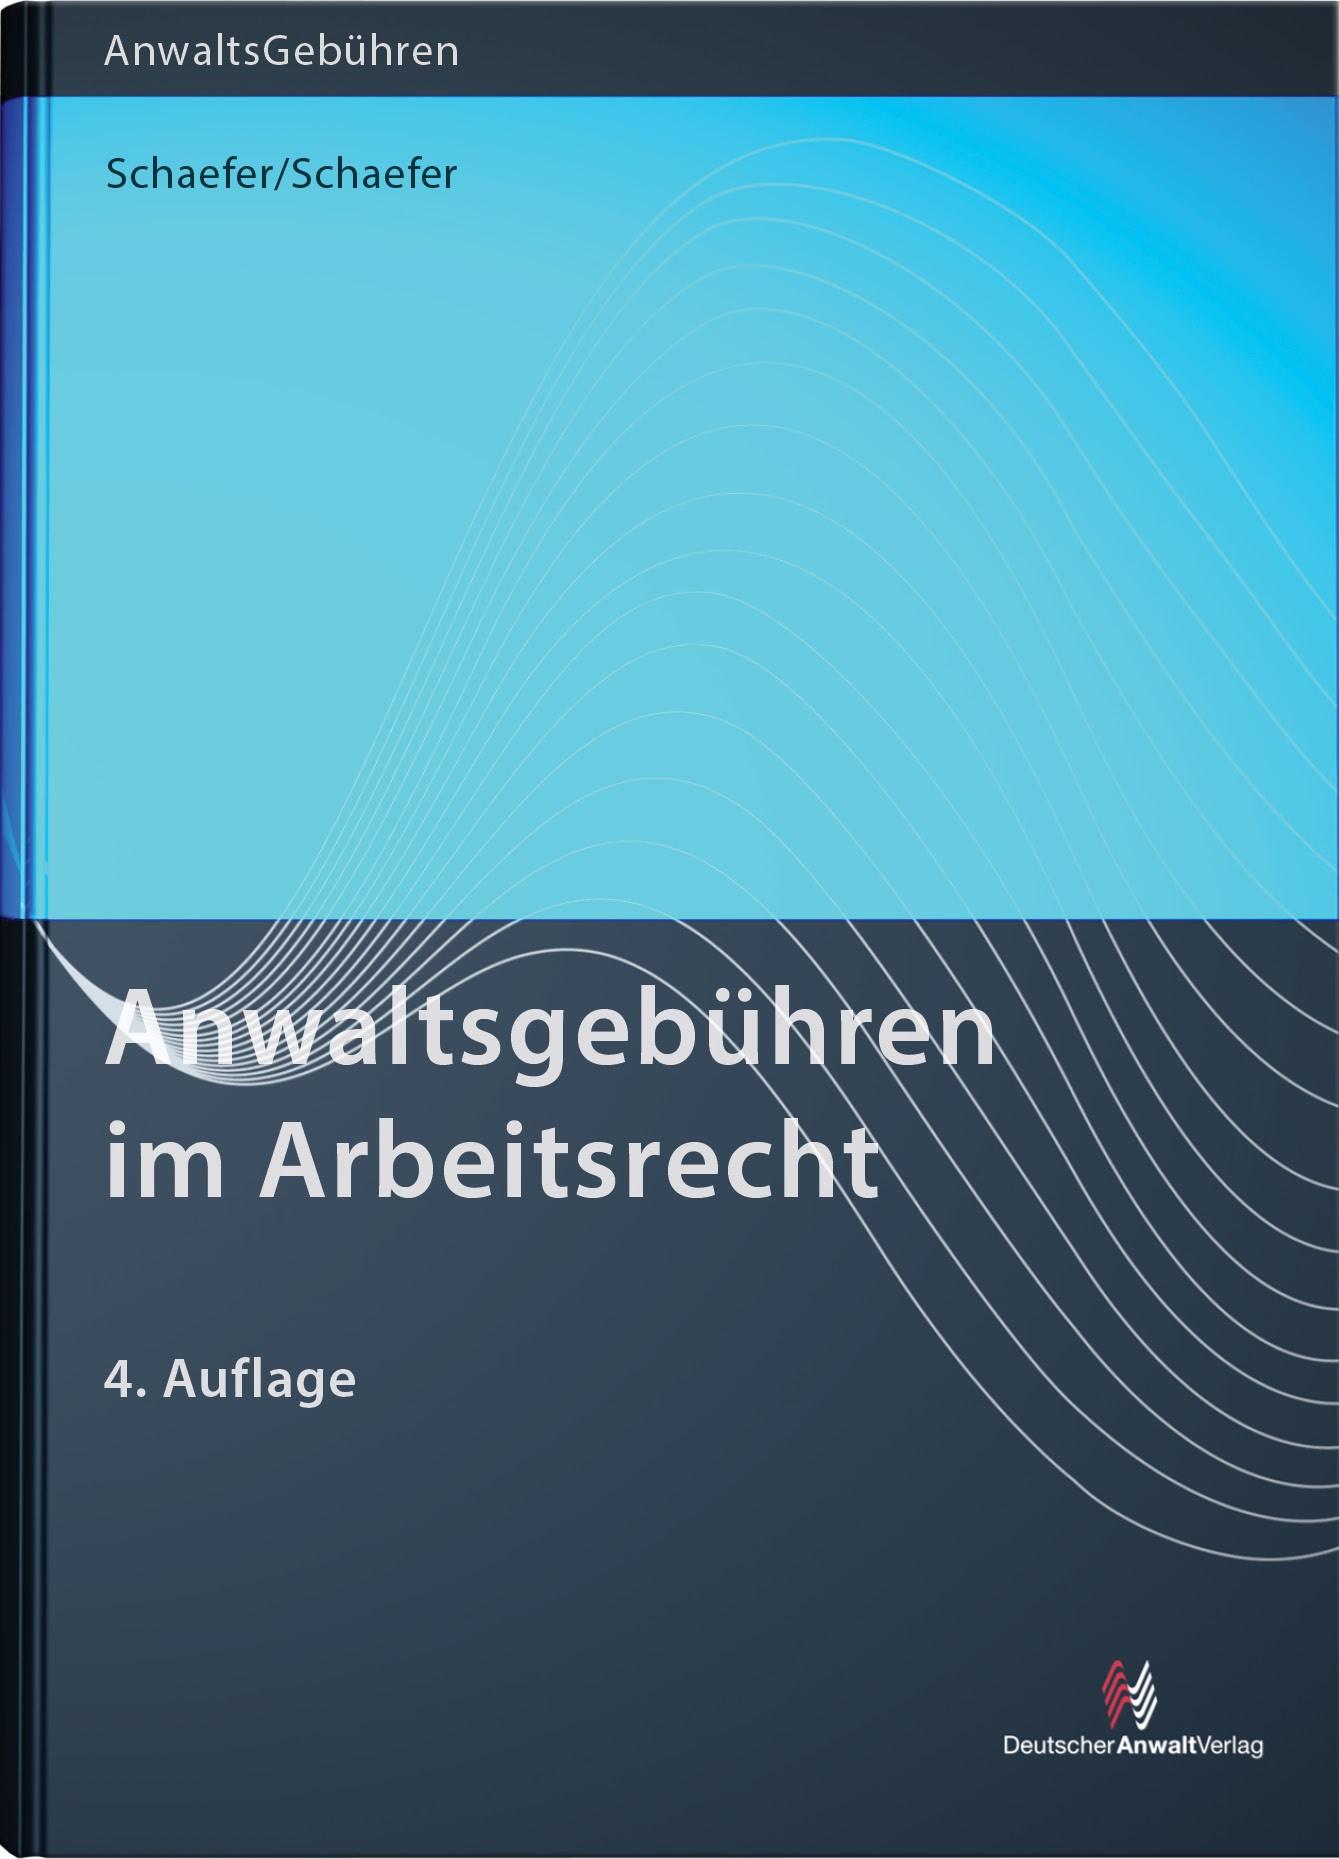 Anwaltsgebühren im Arbeitsrecht | Schaefer / Schaefer | 4. Auflage, 2014 | Buch (Cover)